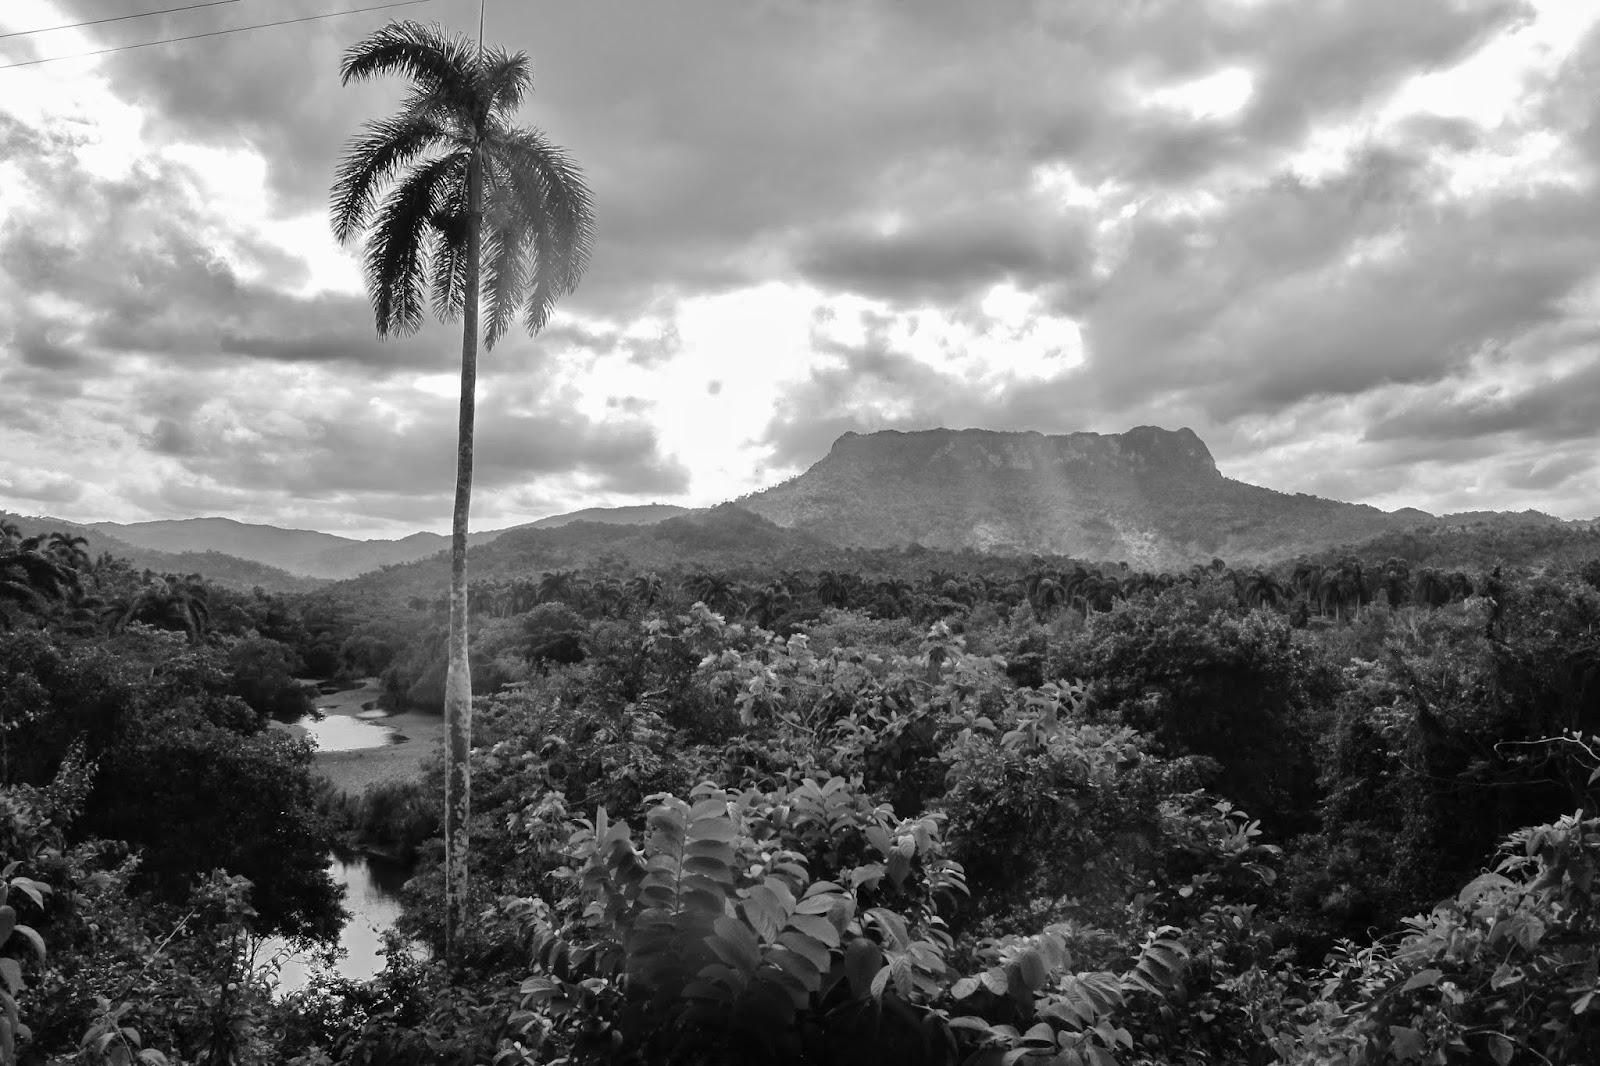 El Yunque, símbolo de Baracoa, a cidade mais oriental de Cuba.